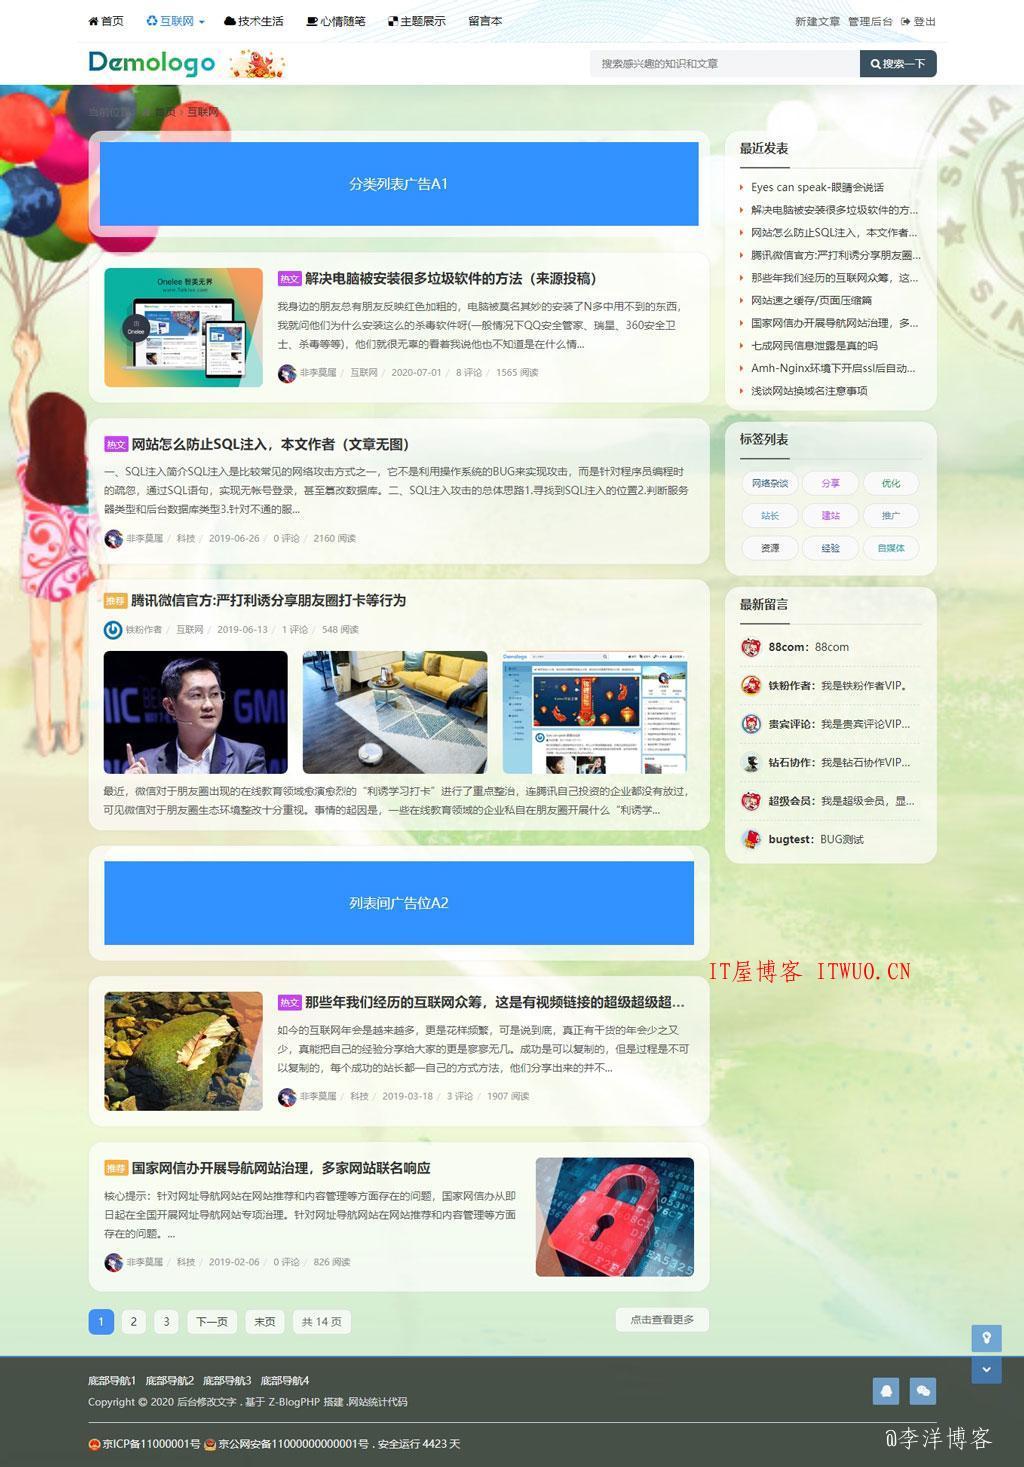 zblog明信片主题类型模板全新绽放,R角、透明、森系您想要的我都有,zblog明信片主题类型模板全新绽放,R角、透明、森系您想要的我都有 zblog明信片主题 第18张,zblog明信片主题,第18张